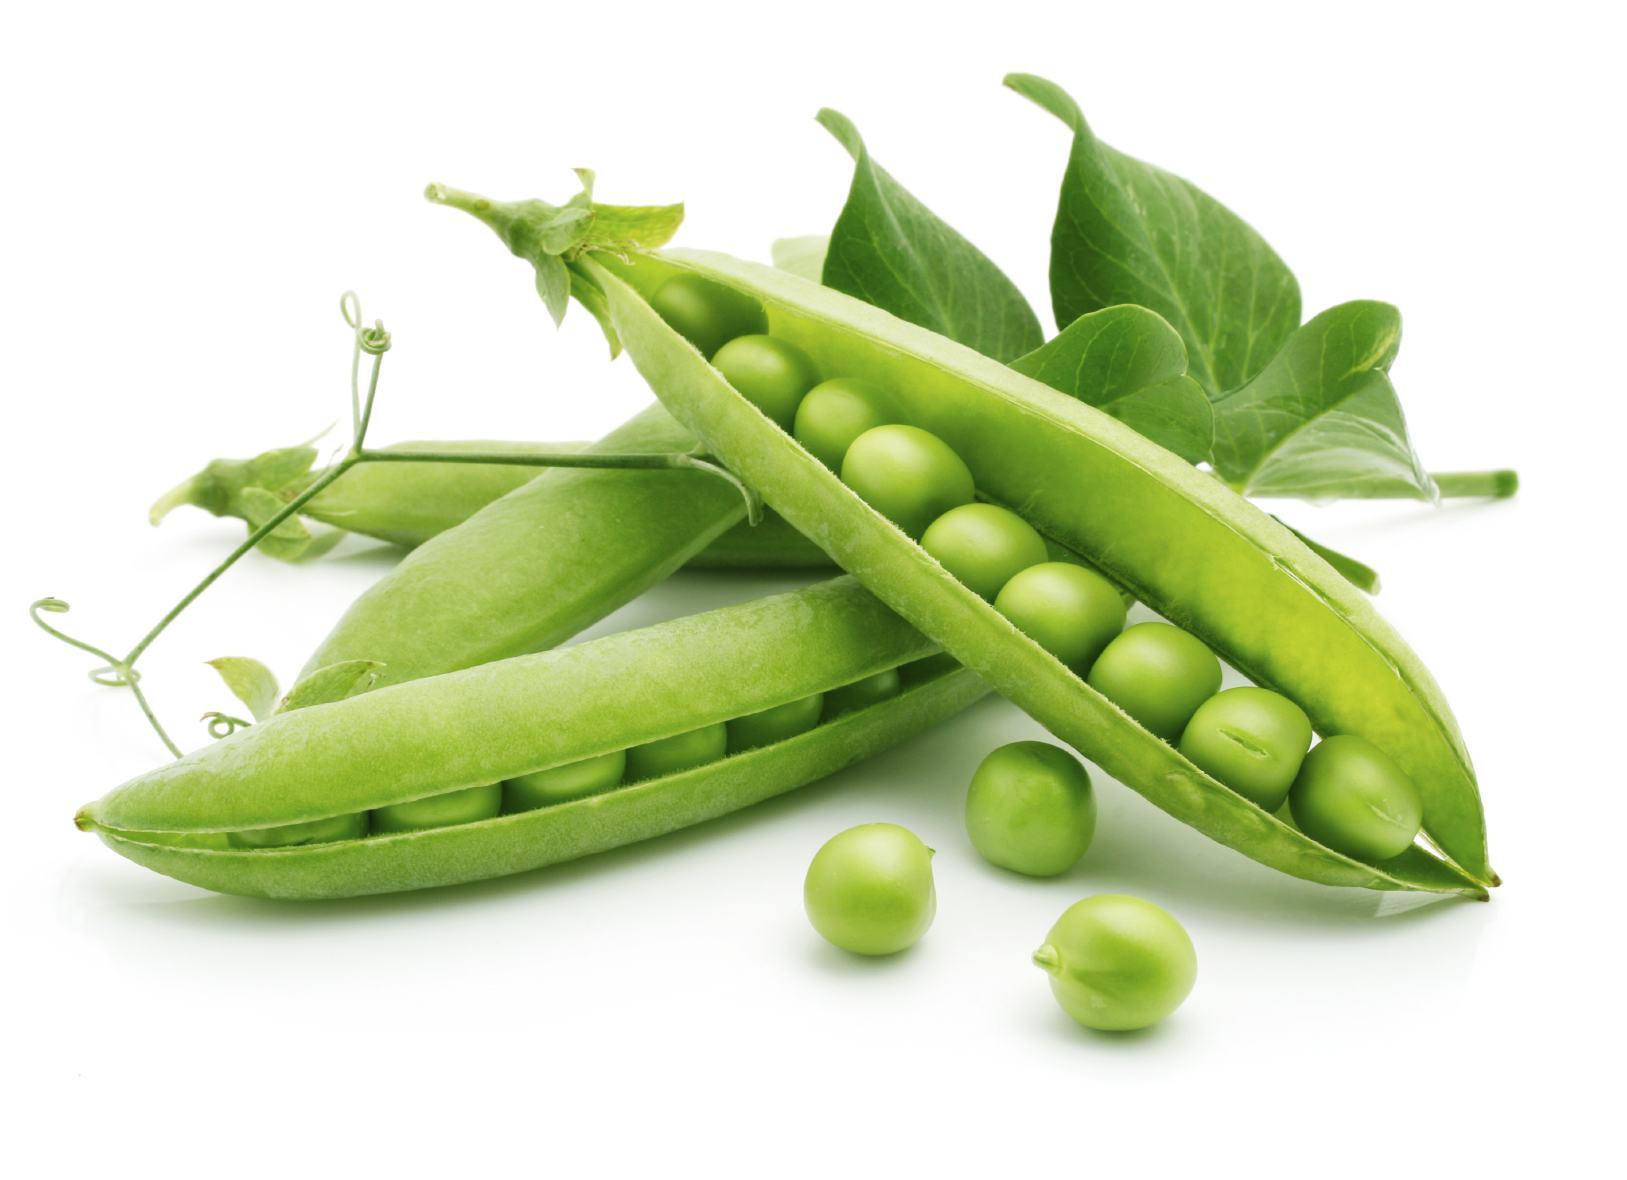 Bổ sung đậu xanh vào bữa ăn hằng ngày ngừa ung thư hiệu quả